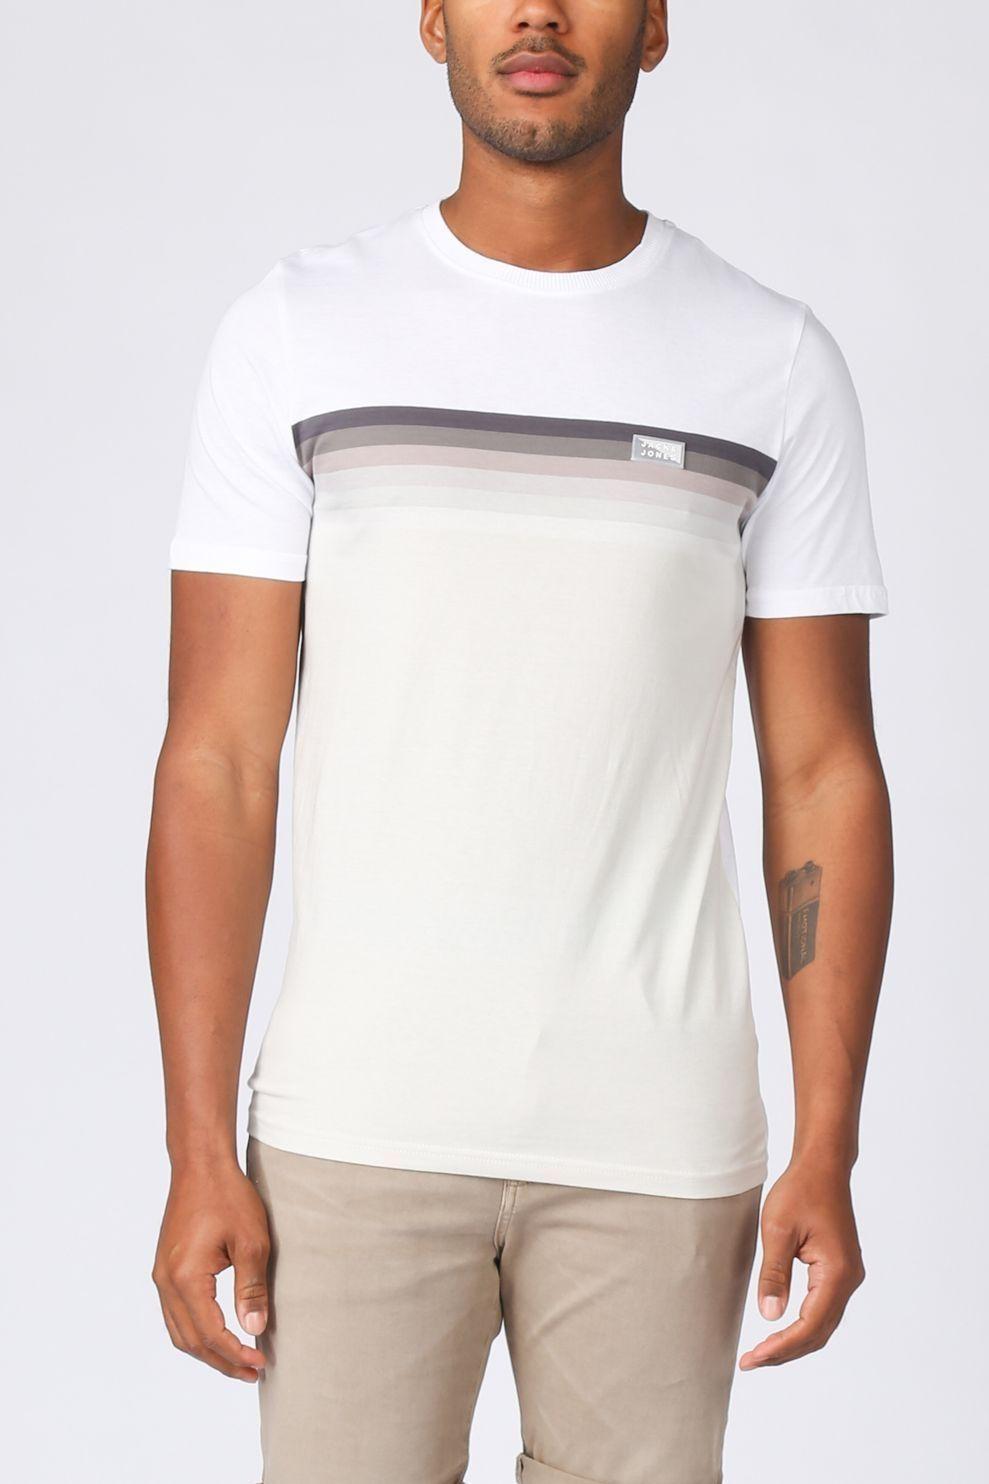 JACK & JONES T-Shirt Jcomirku Tee Ss Crew Neck voor heren - Wit - Maten: XS, S, M, L, XL